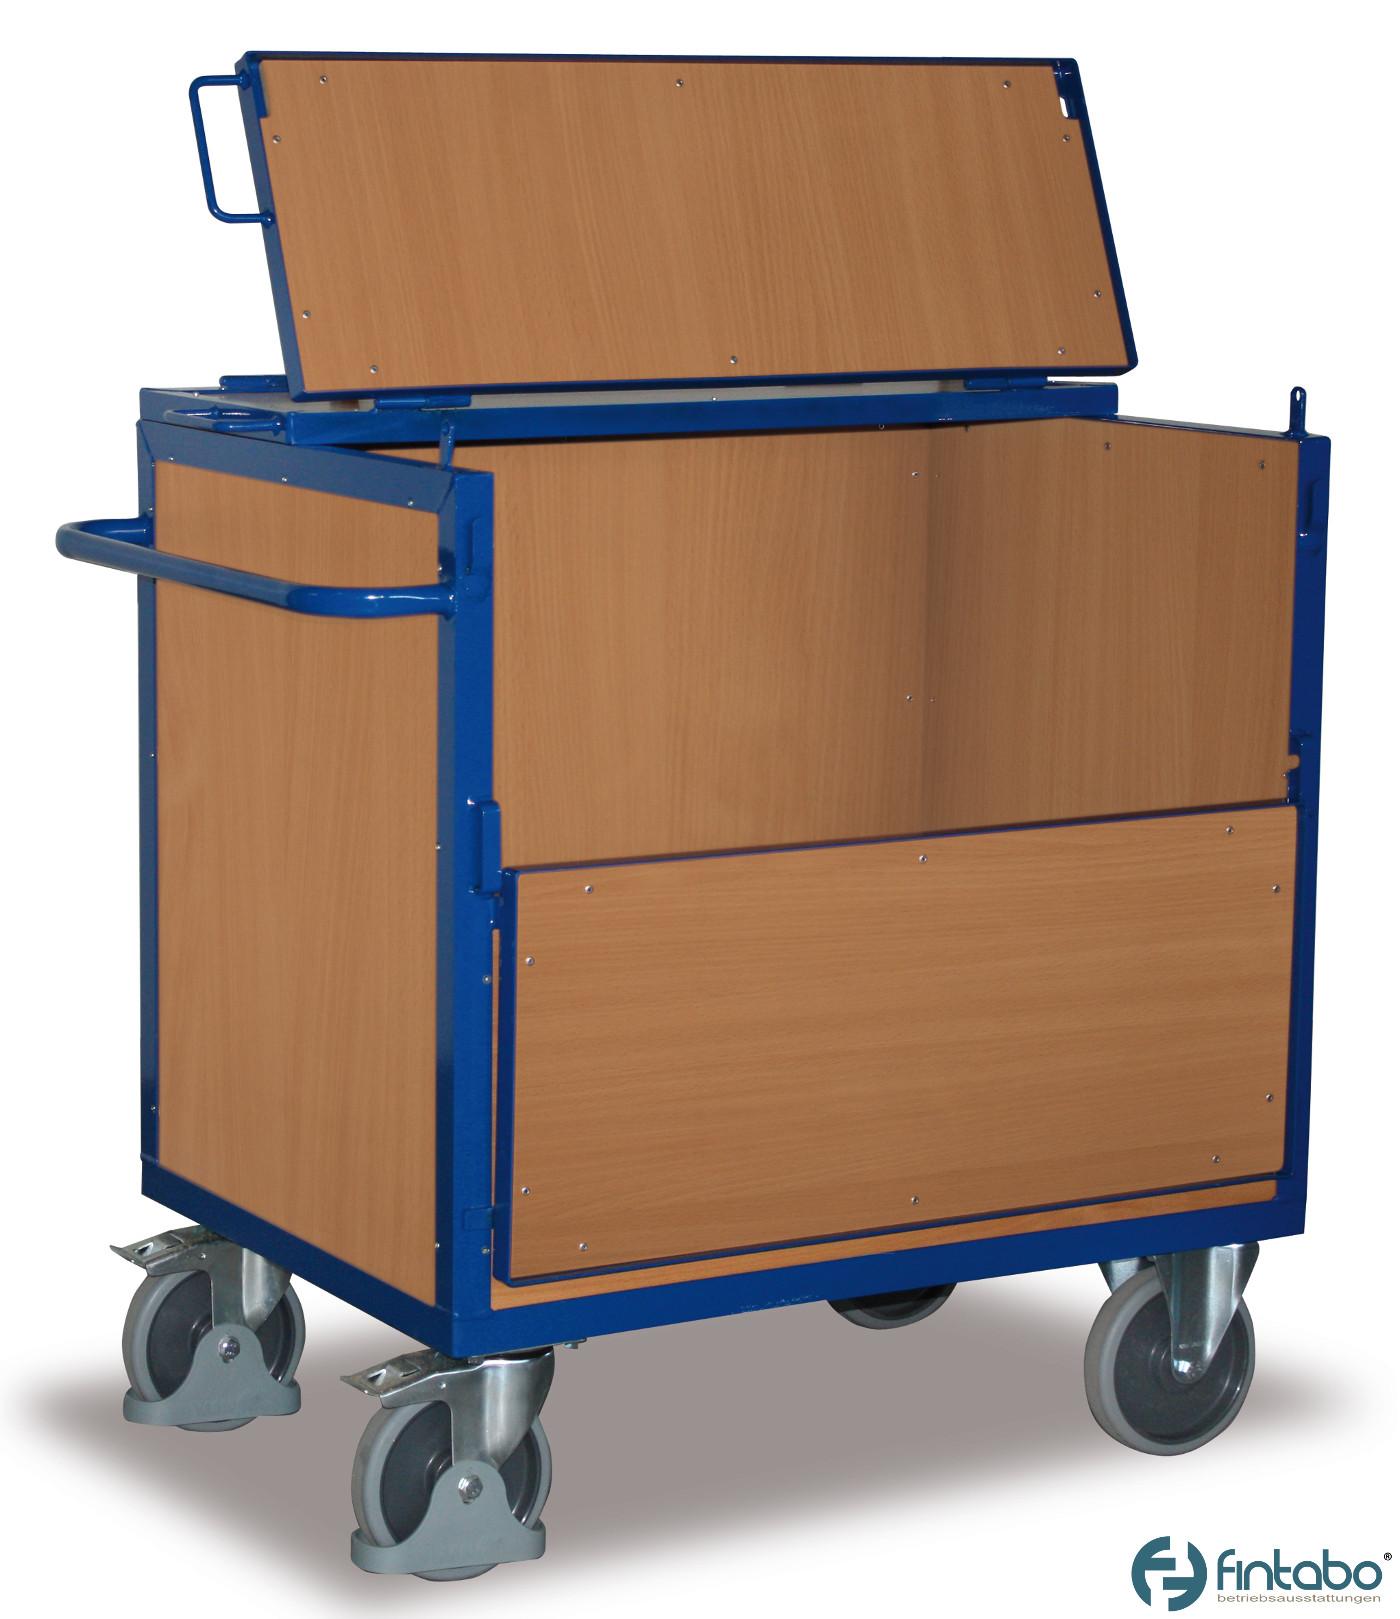 holzkastenwagen mit deckel g nstig kaufen. Black Bedroom Furniture Sets. Home Design Ideas